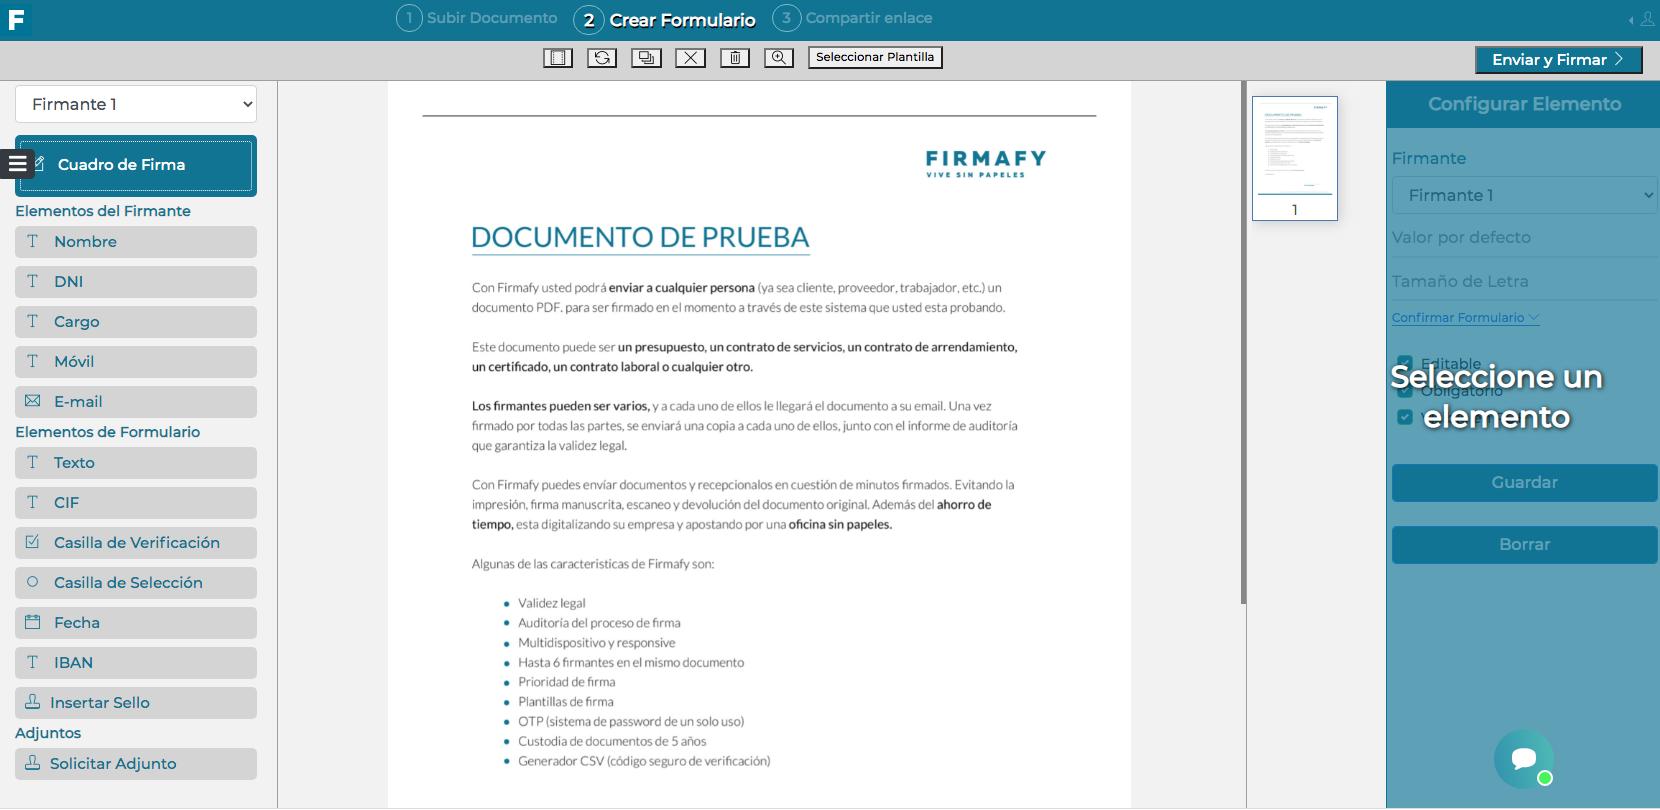 Cómo configurar Firmalink de Firmafy